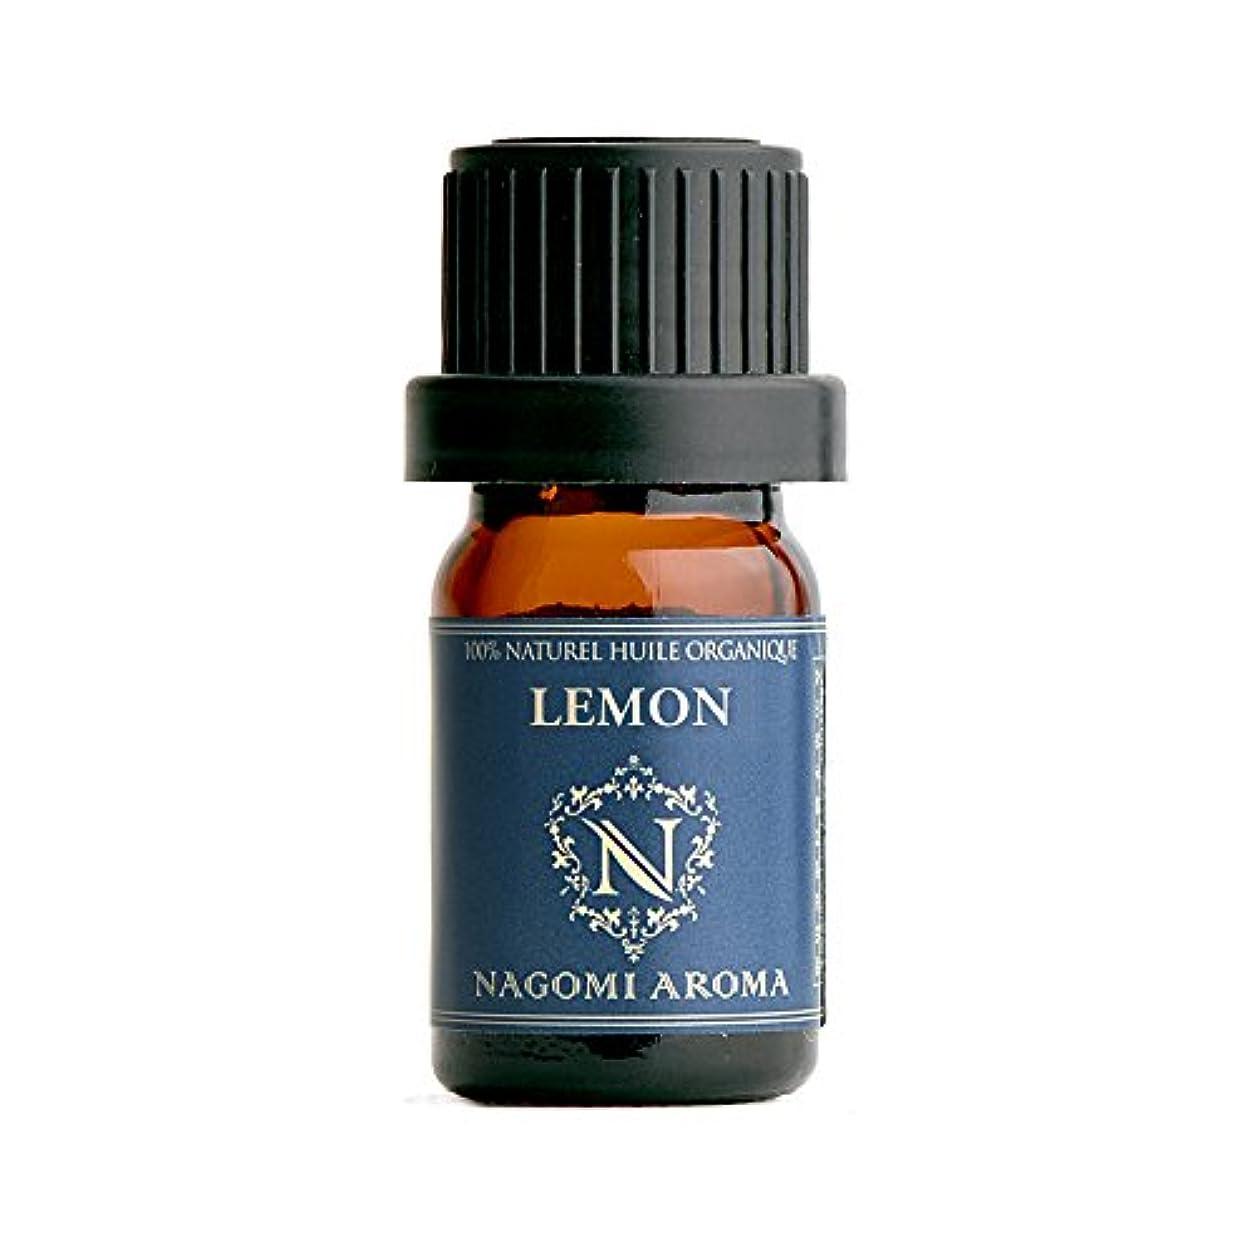 冷淡な他の場所簡単にNAGOMI AROMA オーガニック レモン 5ml 【AEAJ認定精油】【アロマオイル】